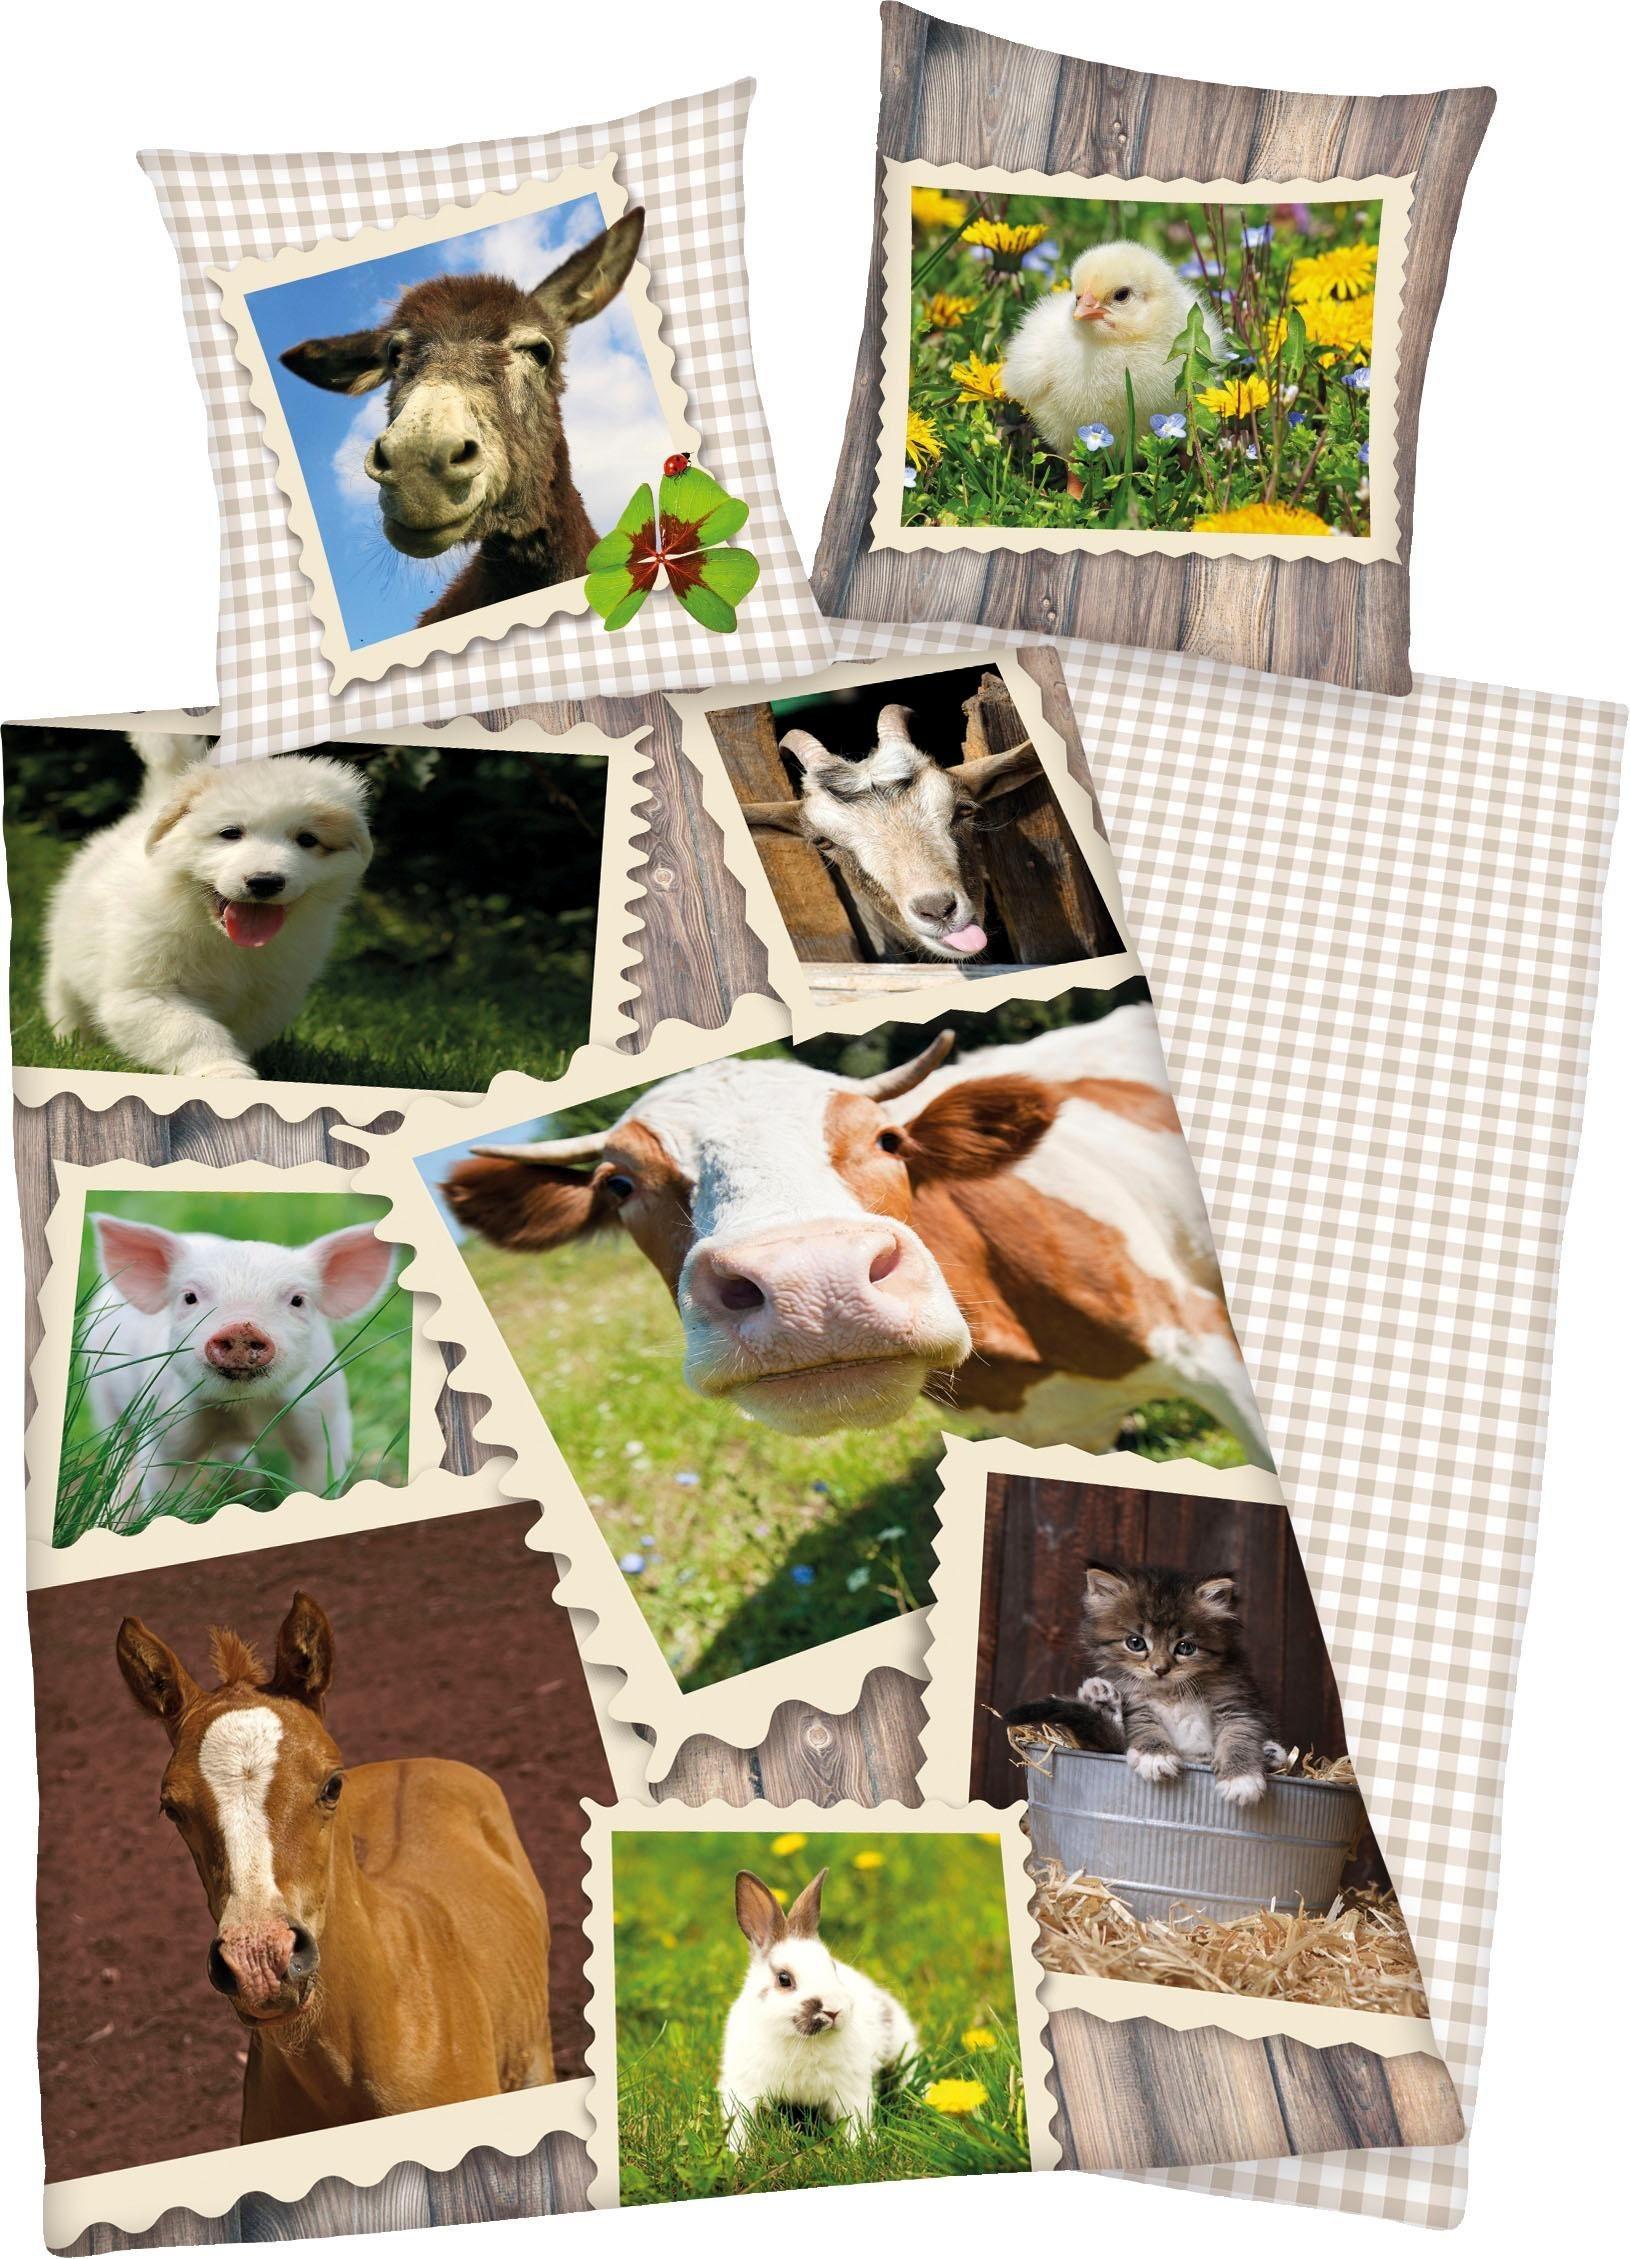 Kinderbettwäsche »Bauernhof«, Young Collection, mit verschiedenen Tierbildern | Kinderzimmer > Textilien für Kinder > Kinderbettwäsche | Young Collection